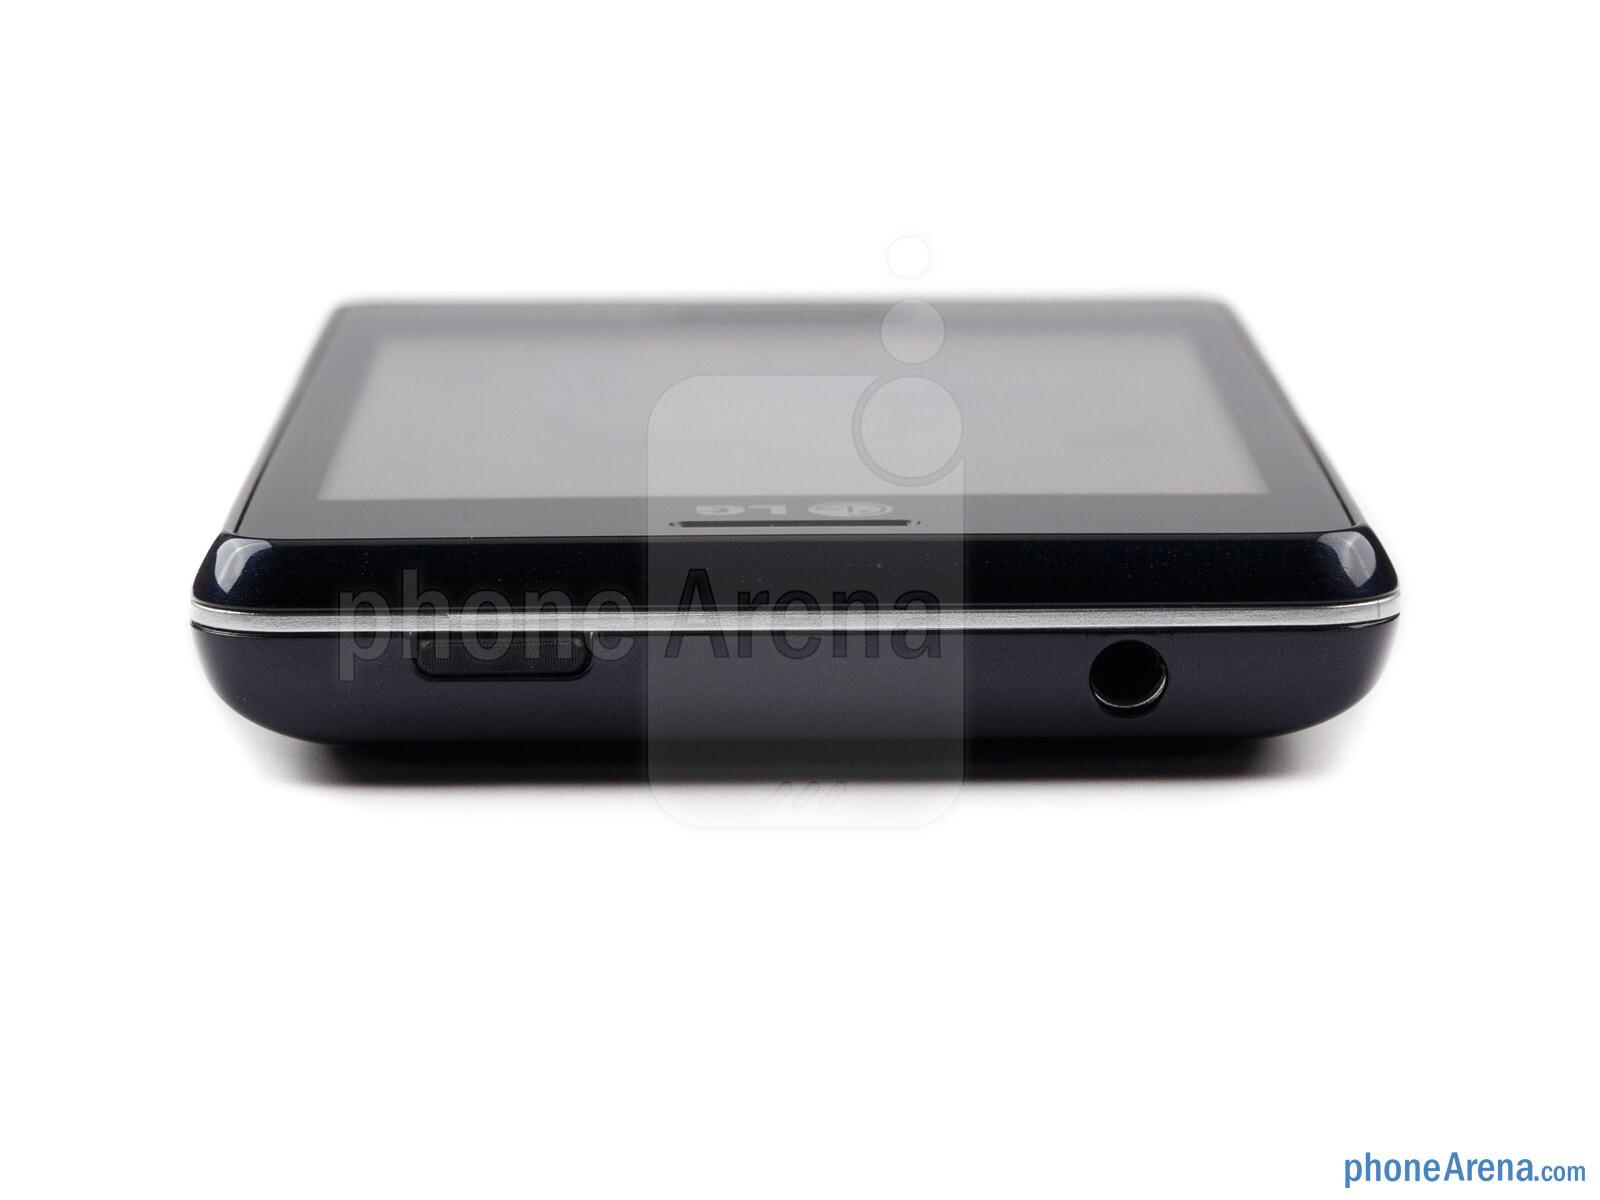 LG Optimus L3 II Review - PhoneArena